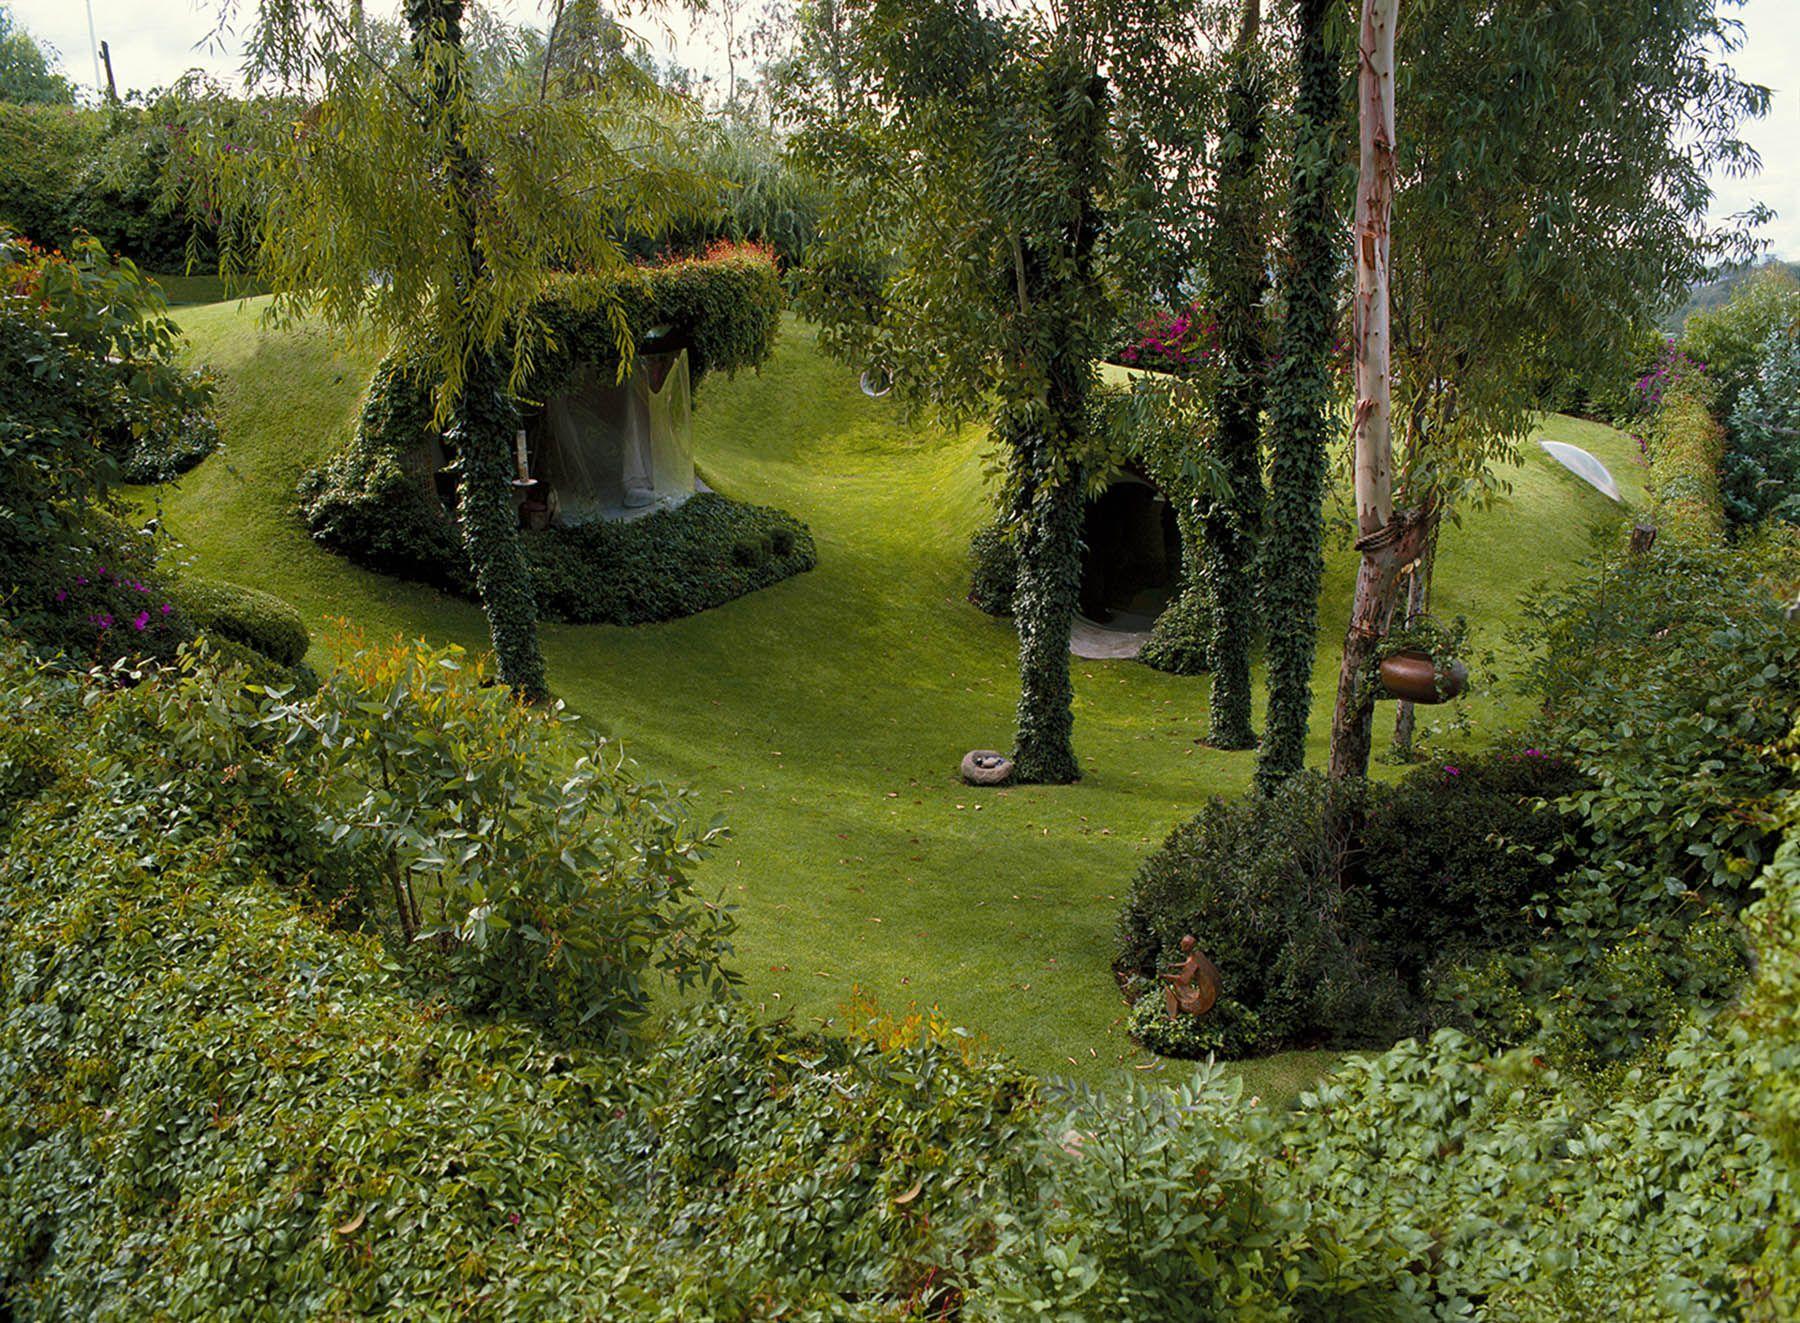 La casa orgánica de Javier Senosiain en México tiene un estilo surrealista y cuenta con pasajes laberínticos rodeados de naturaleza. ¡No dejes de conocerla!